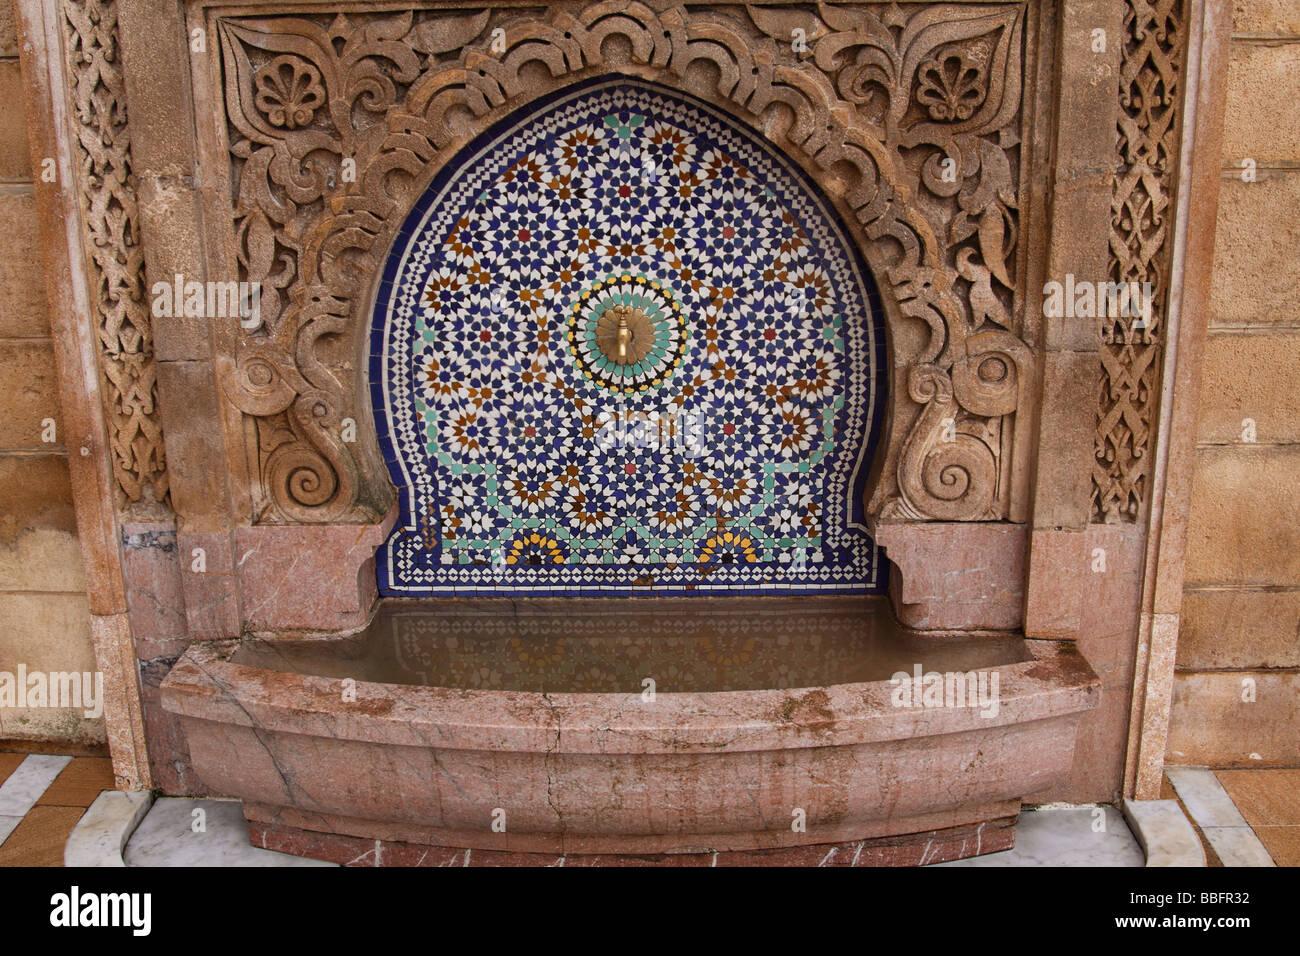 Afrika, Nordafrika, Marokko, Rabat, Rabat-Sale, Riad Dar El Mouhit, maurischen Stil, Outdoor Wand Brunnen Stockbild